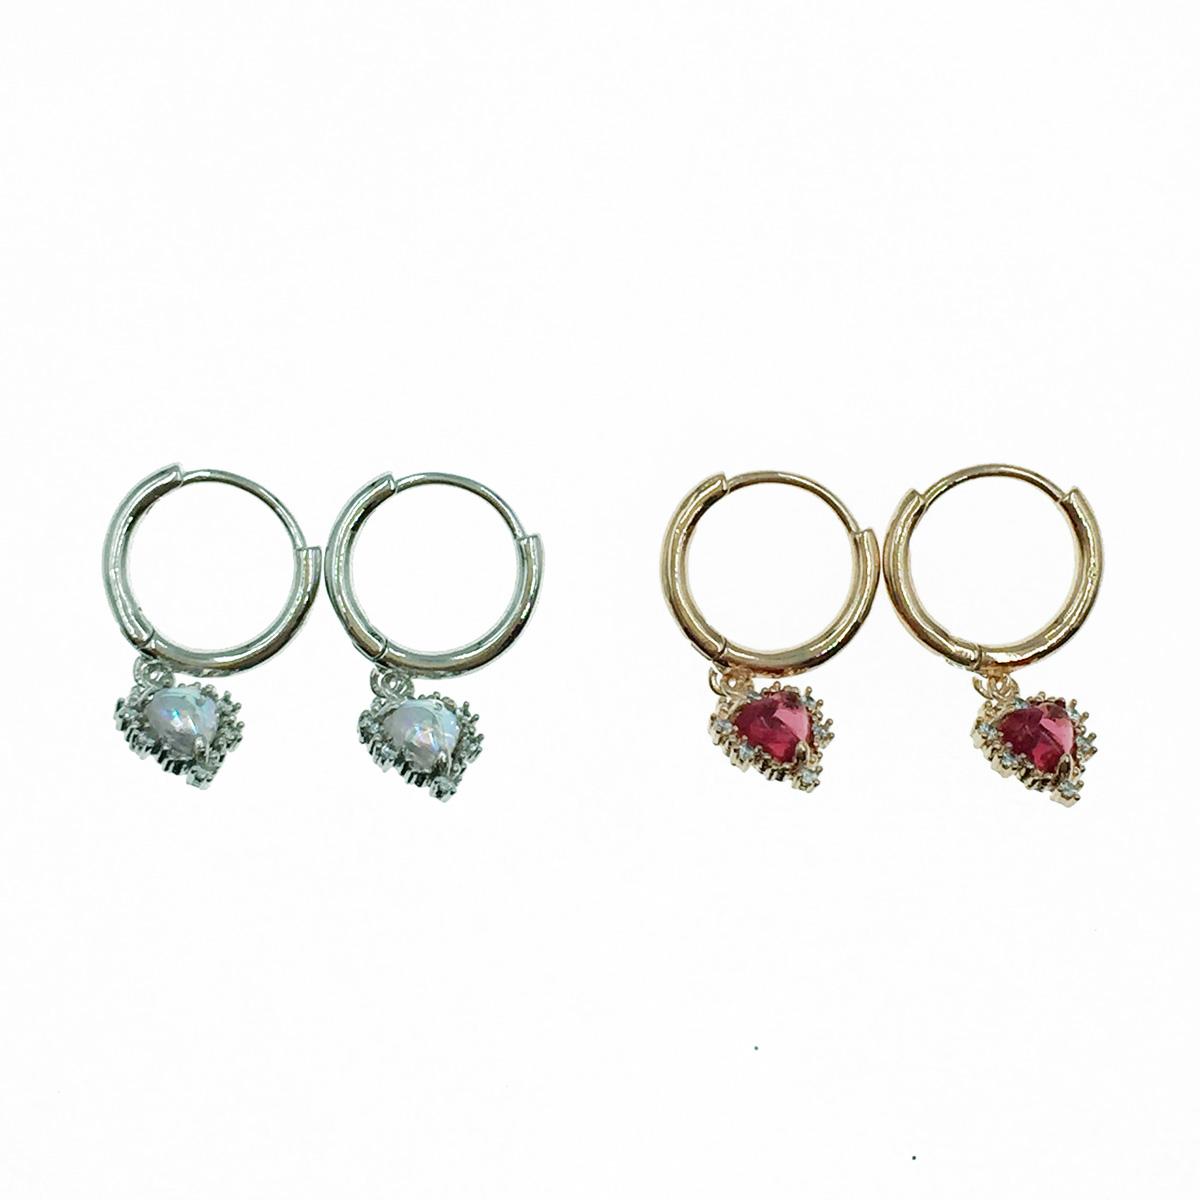 韓國 925純銀 愛心 水鑽 2色 易扣式 針式耳環